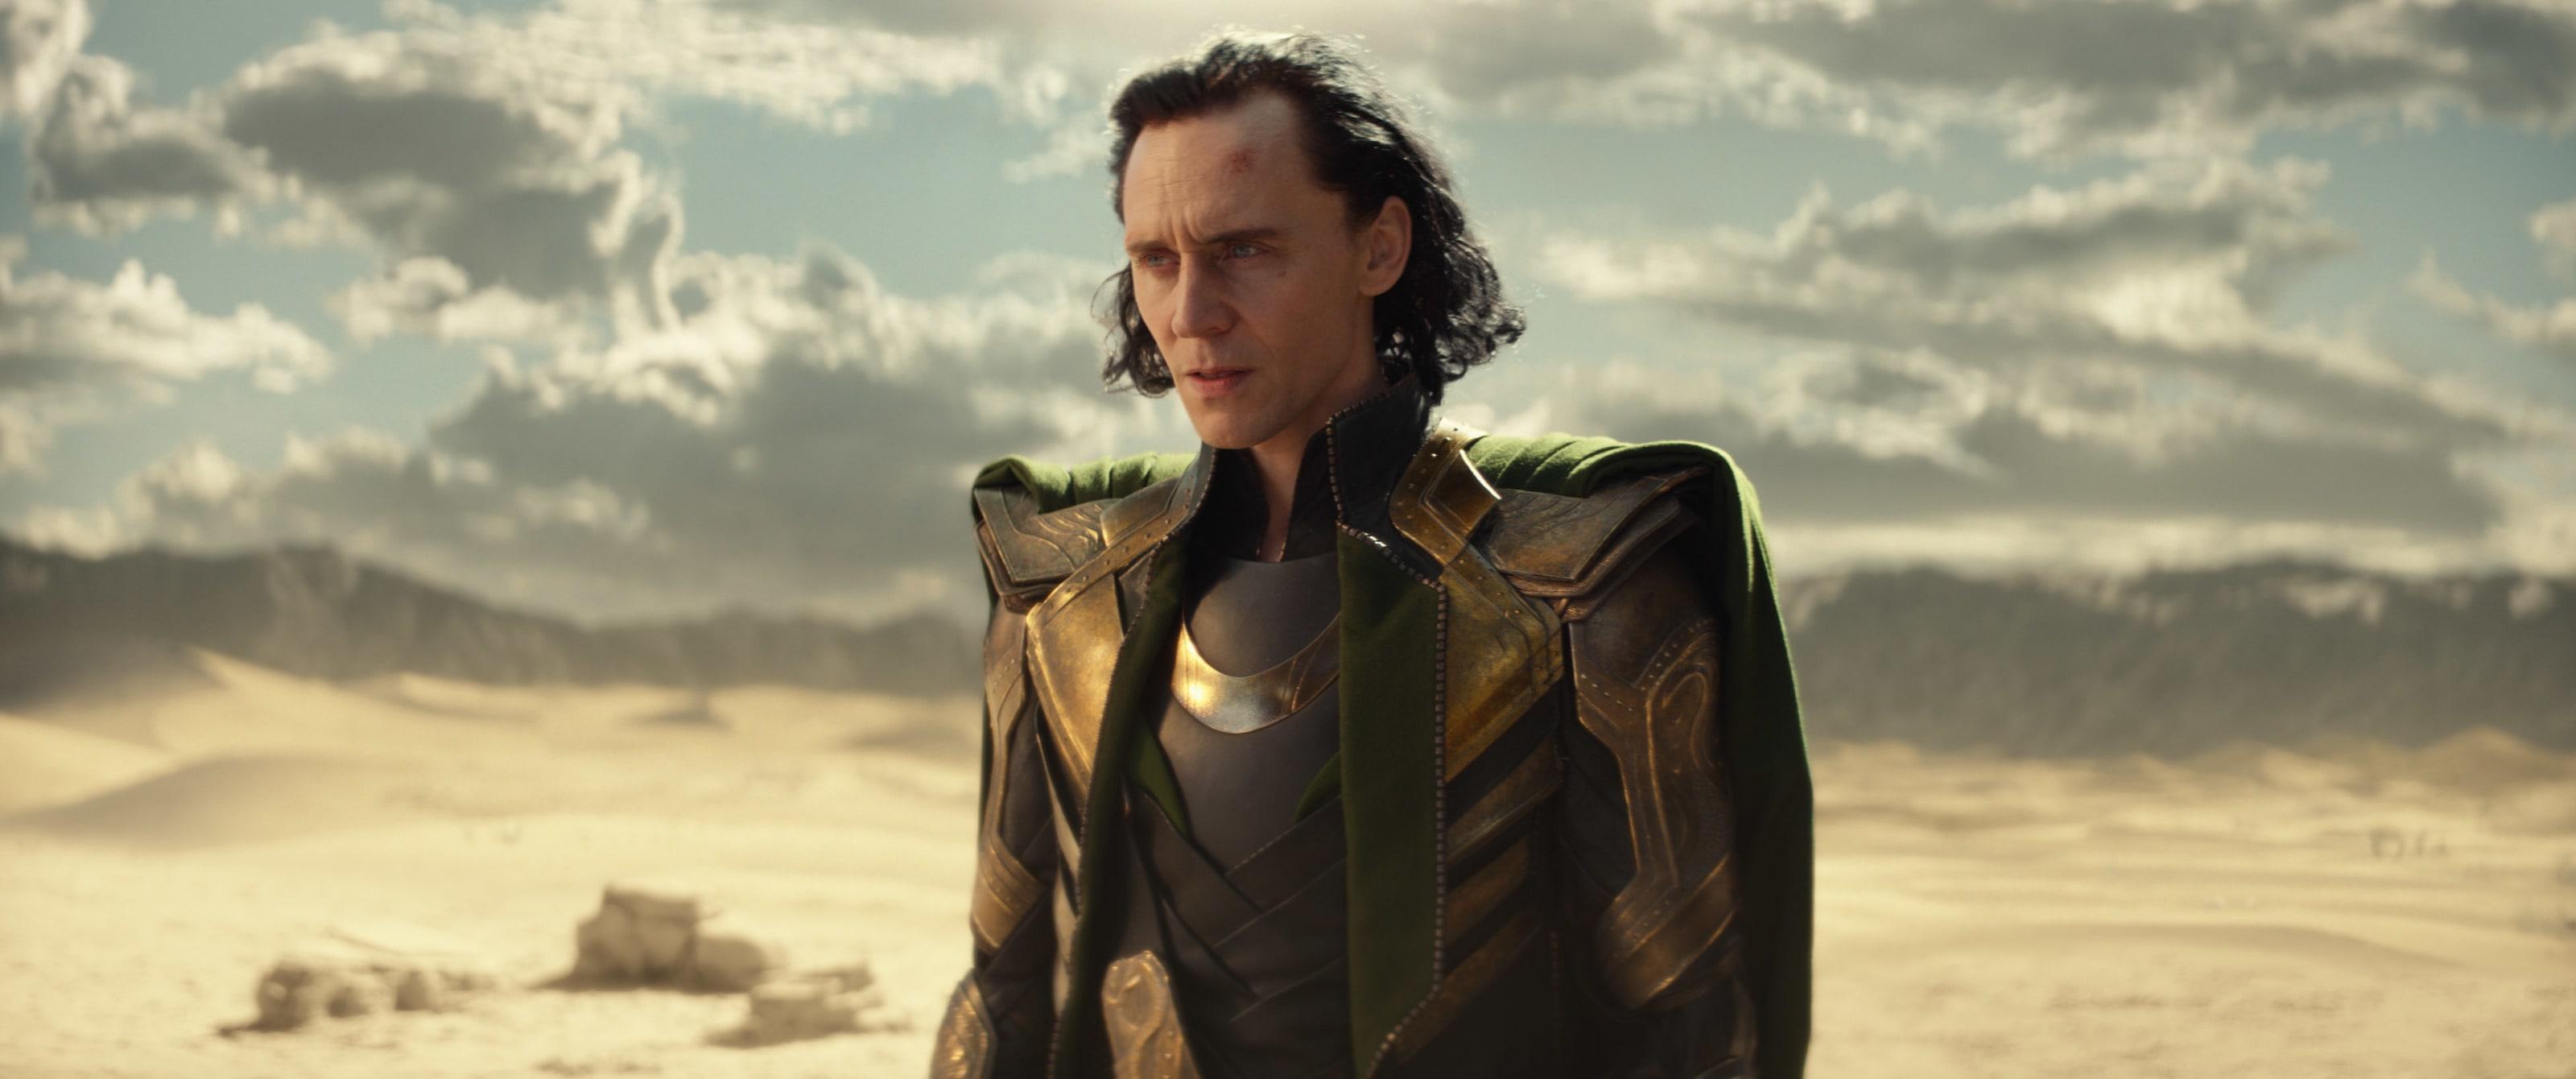 Loki, Loki season 2, Loki season 1 episode 7, When does the next episode of Loki come out?, When is Loki season 2 released?, Loki episode 7 release date, Loki season 2 release date